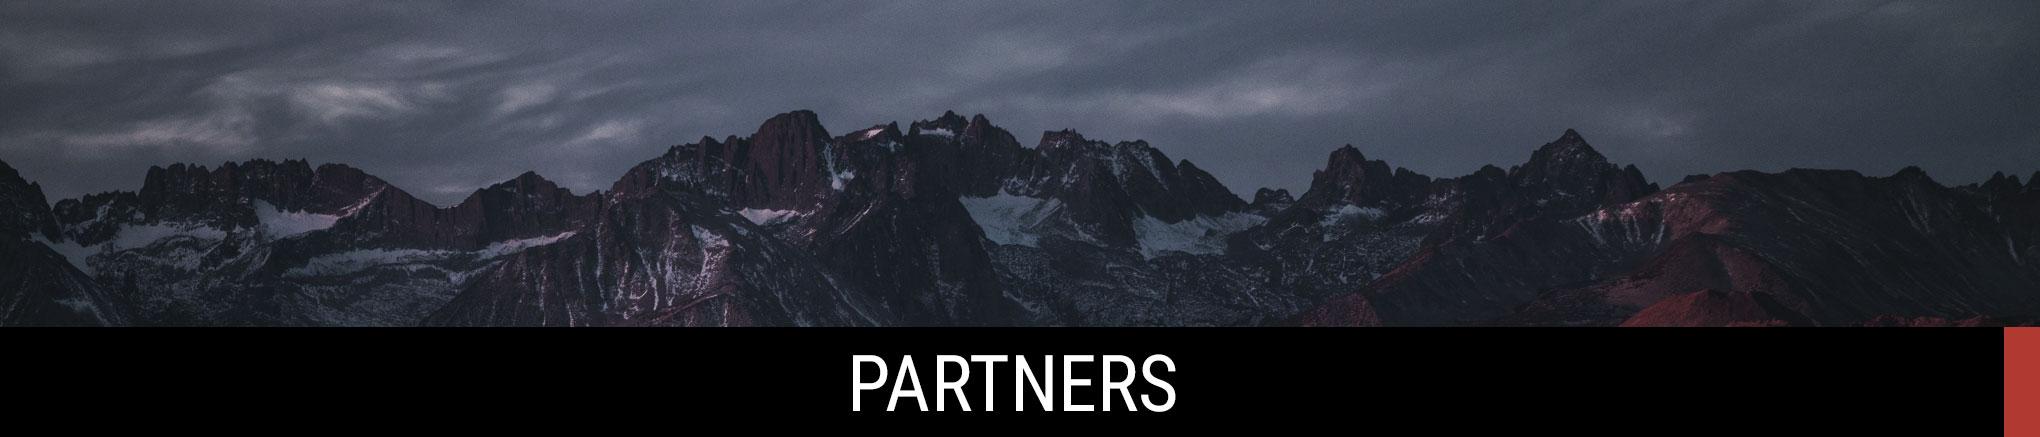 partners-hero